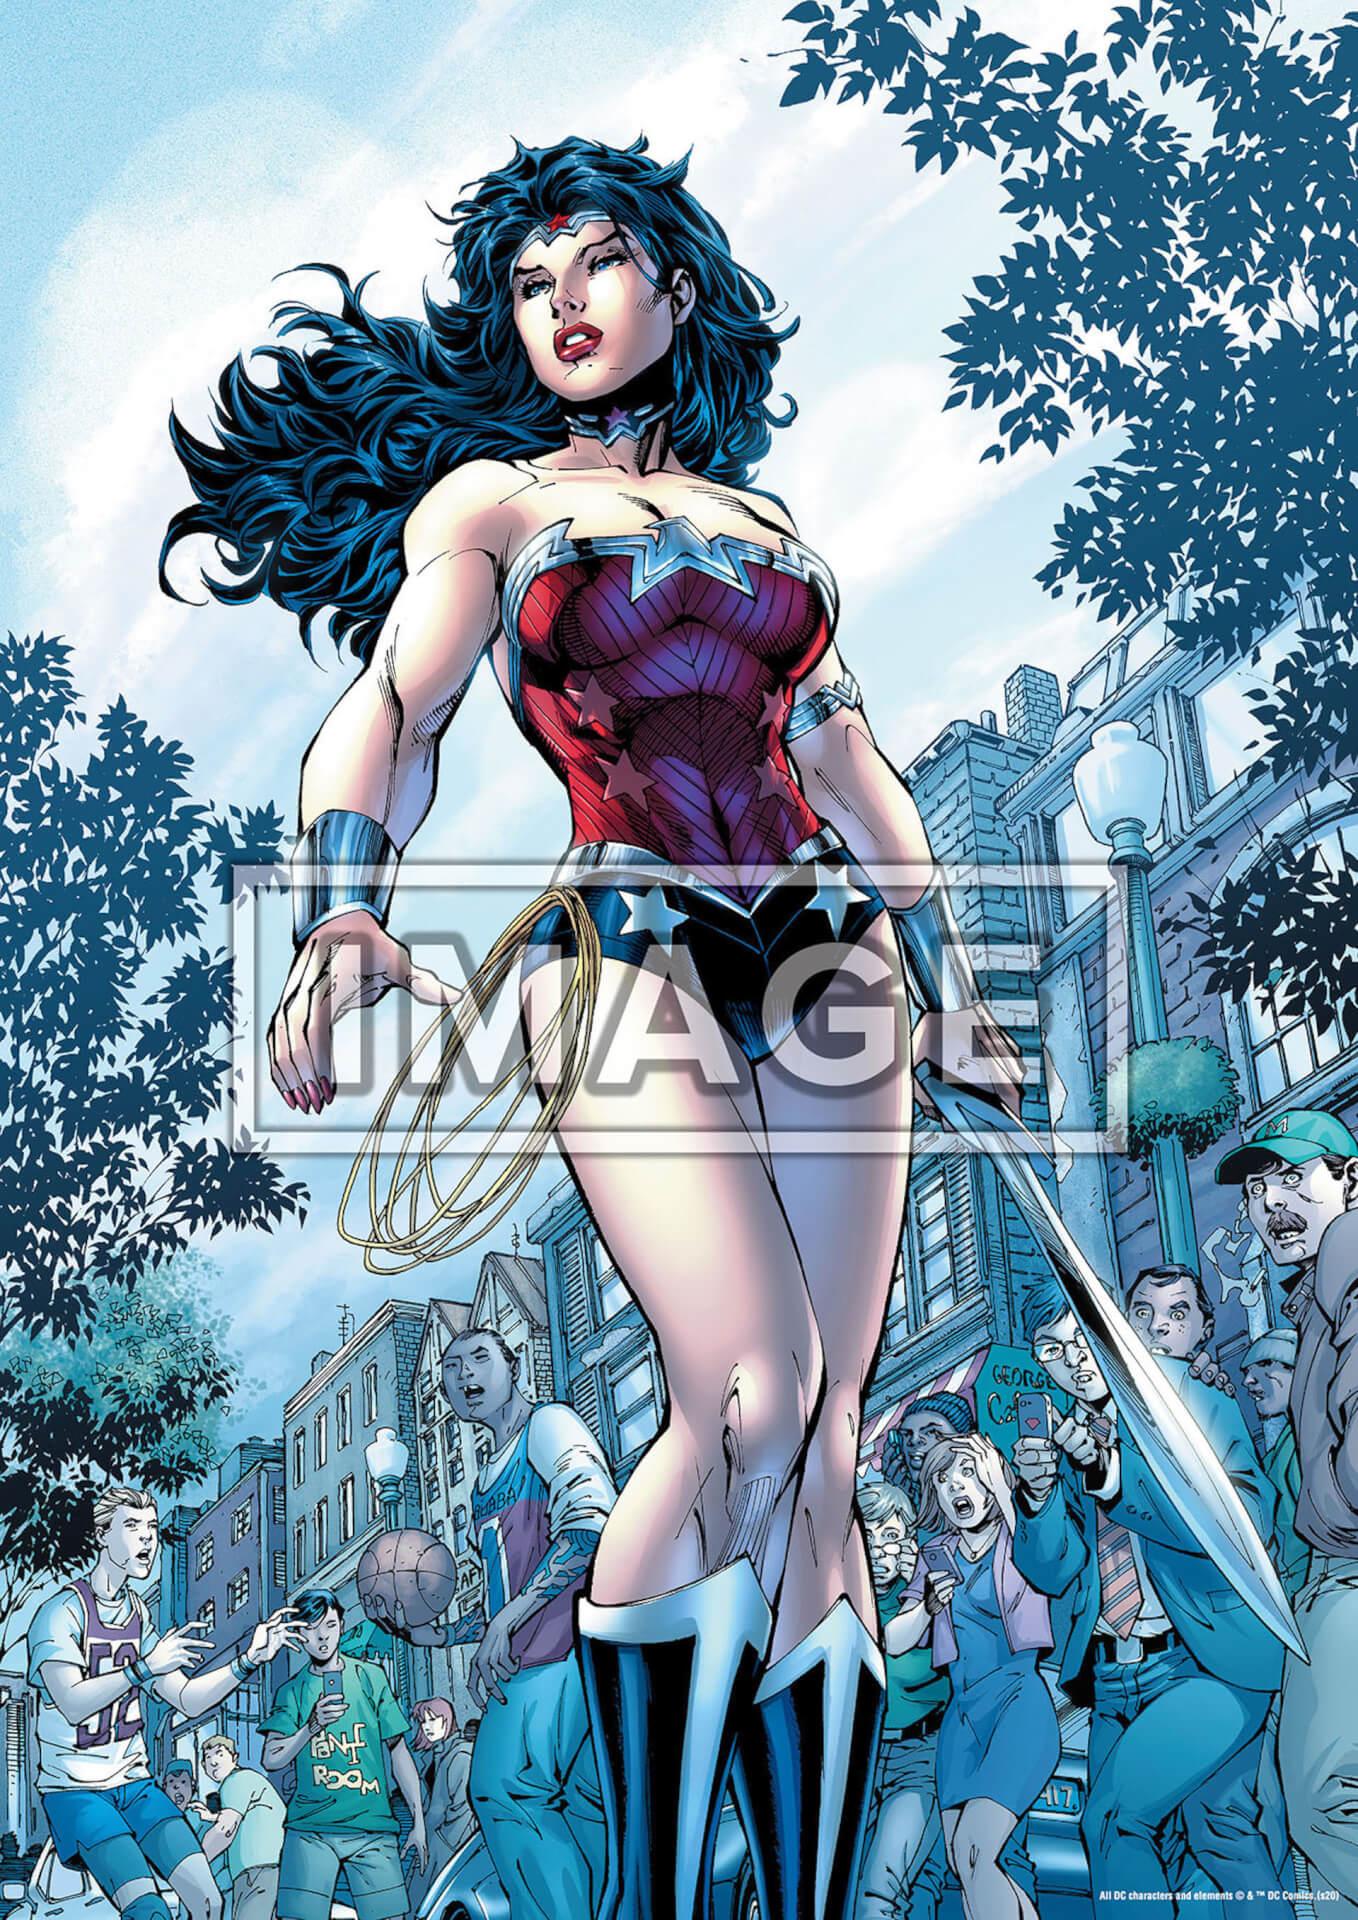 『ワンダーウーマン 1984』劇場公開記念!スーパーマン、バットマン、ジョーカーら人気DCキャラのBE@RBRICKや限定ポスターが当たるHappyくじが発売 art201216_dc_bearbrick_10